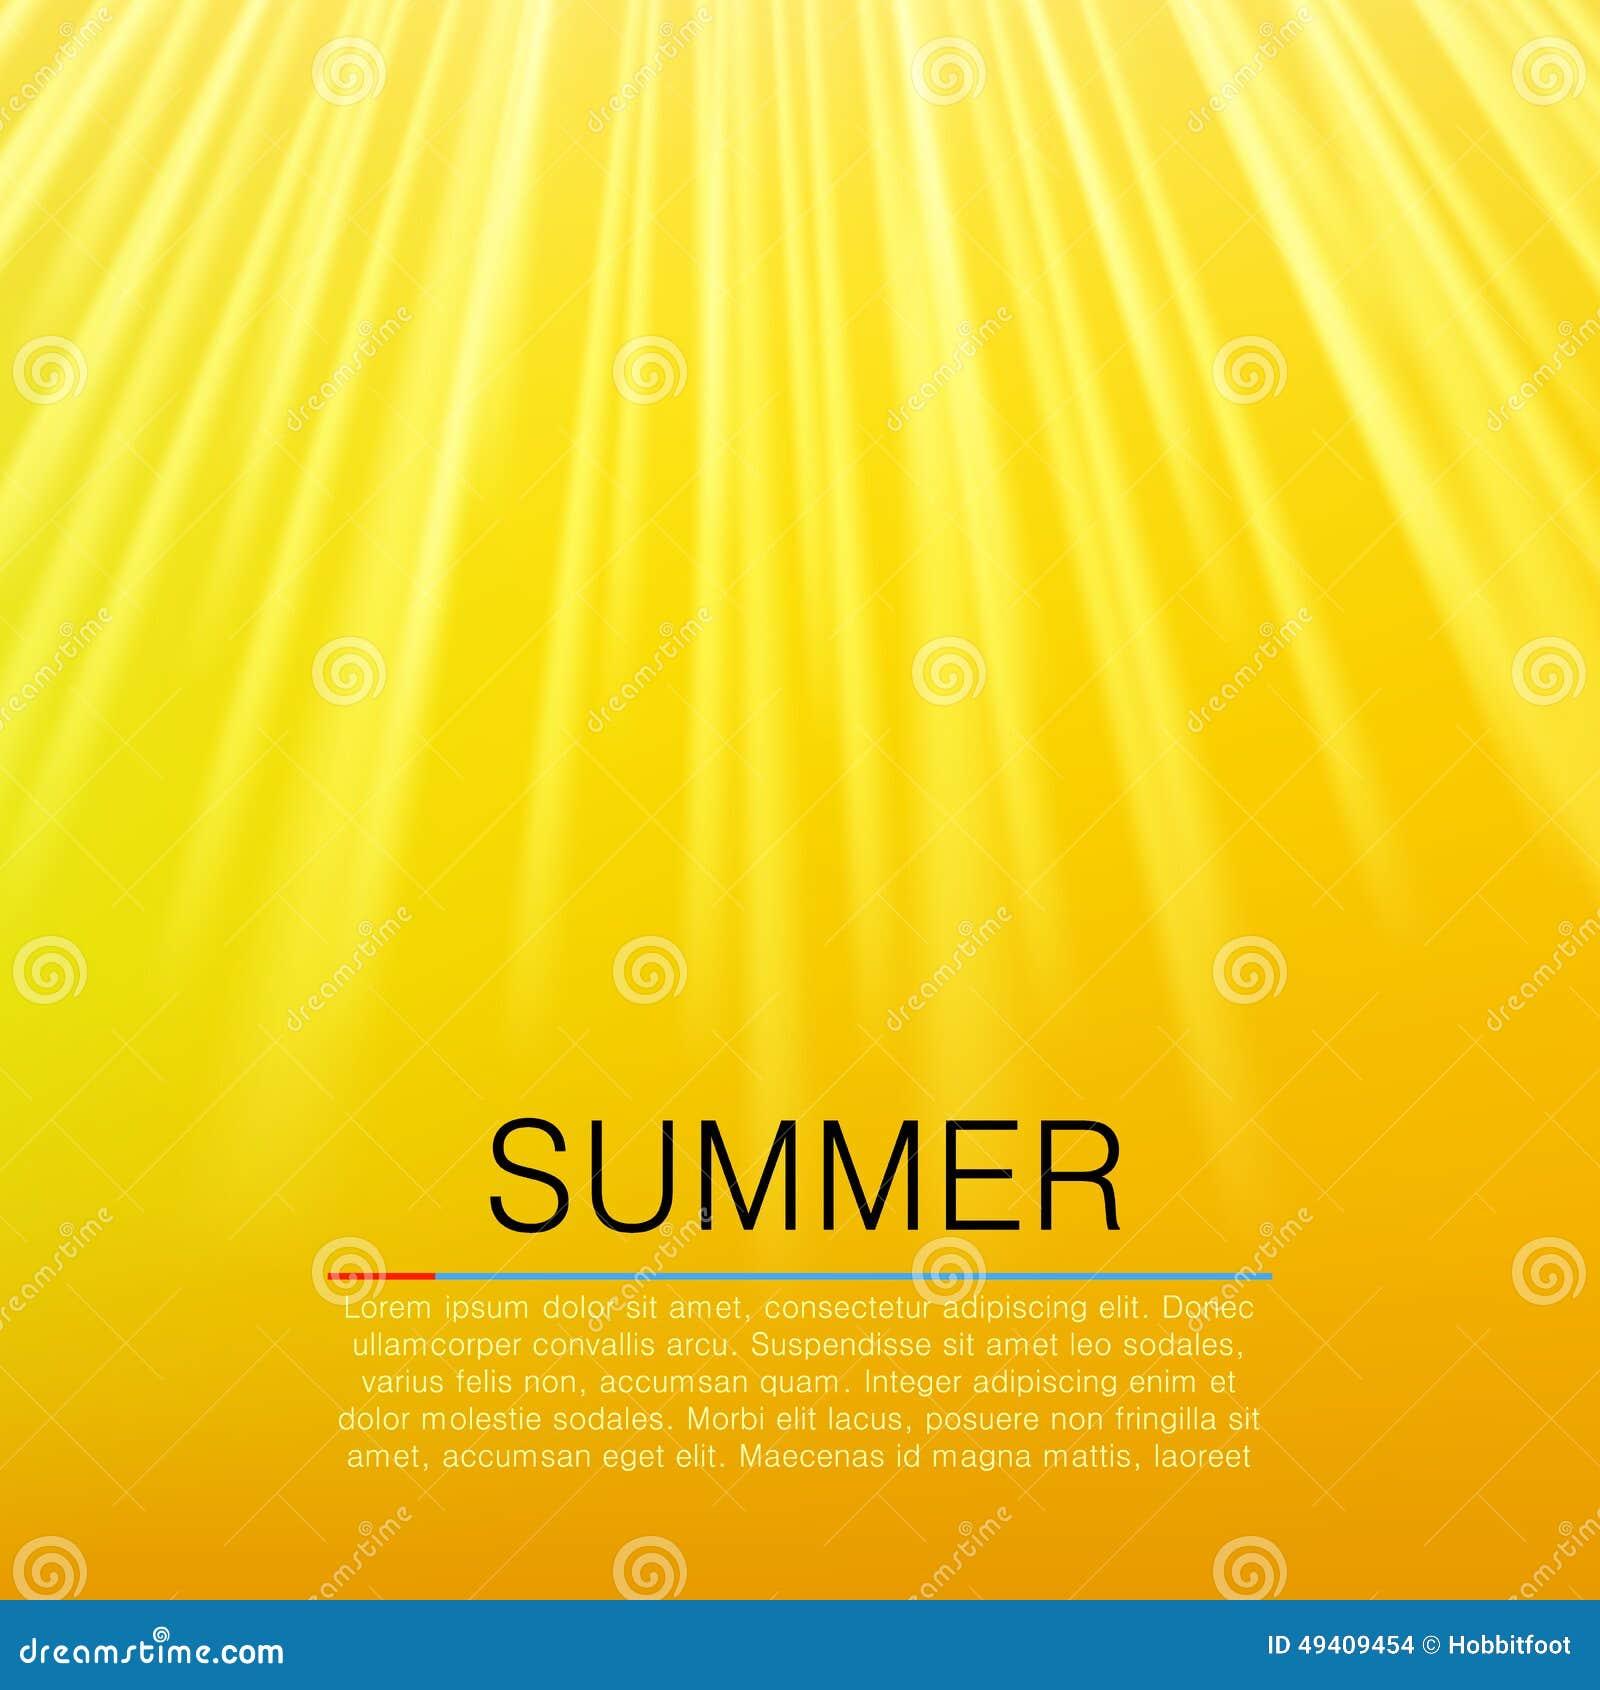 Download Warmer Gelber Sonnenstrahl Seashells Gestalten Auf Sandhintergrund Vektor Vektor Abbildung - Illustration von graphik, sonnenschein: 49409454